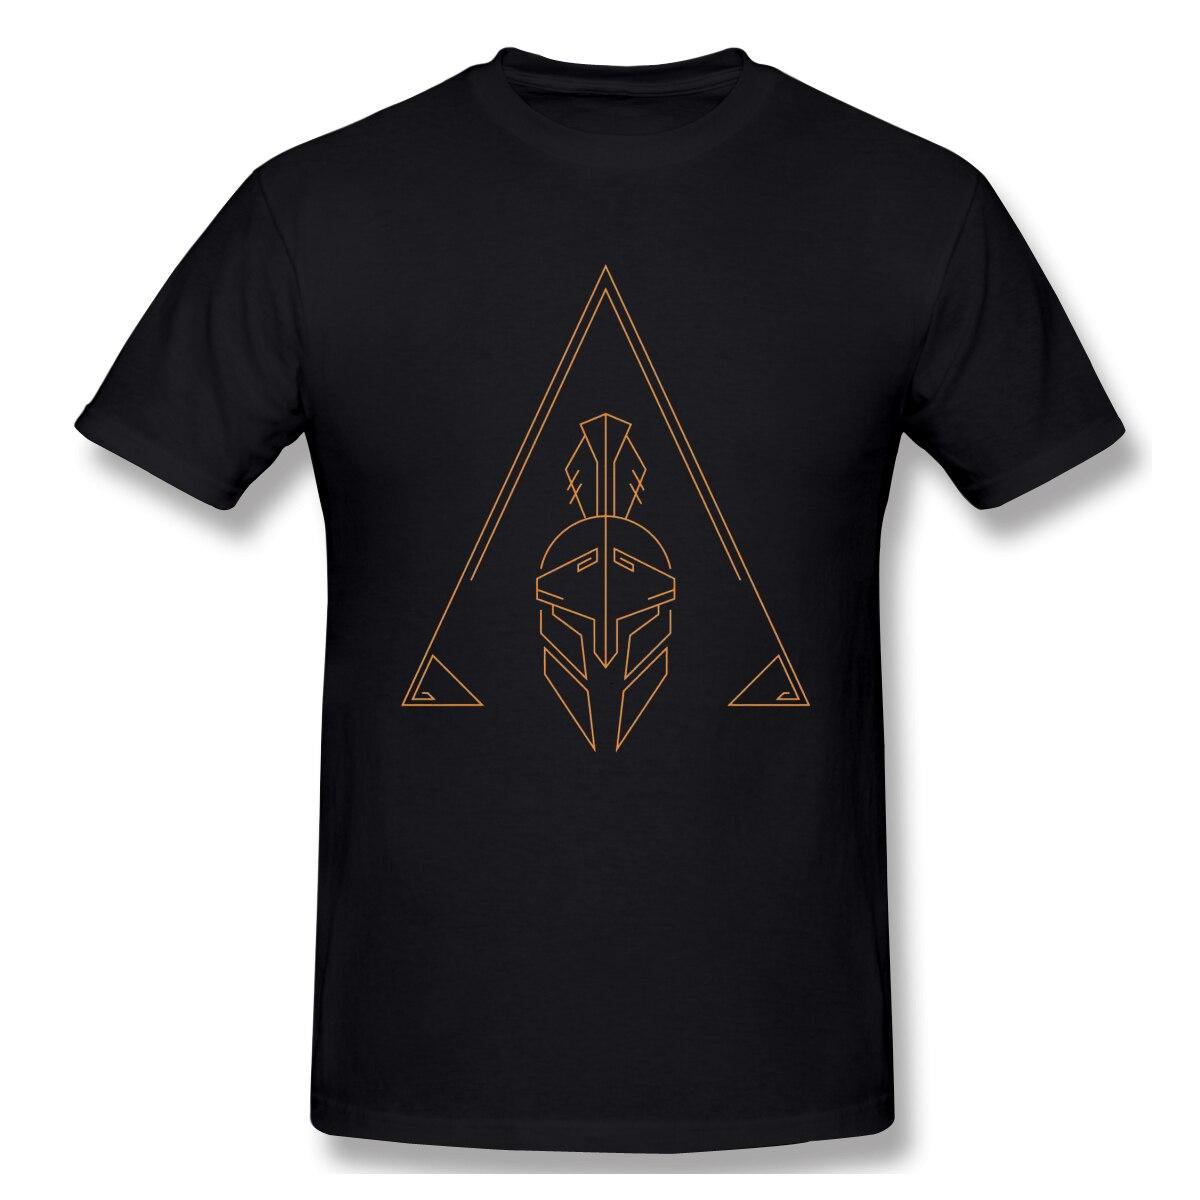 Mężczyźni assassins creed t-shirty śmieszne wokół szyi z krótkim rękawem topy Assassins Creed Odyssey czyste koszulki bawełniane zabawna koszulka Harajuku